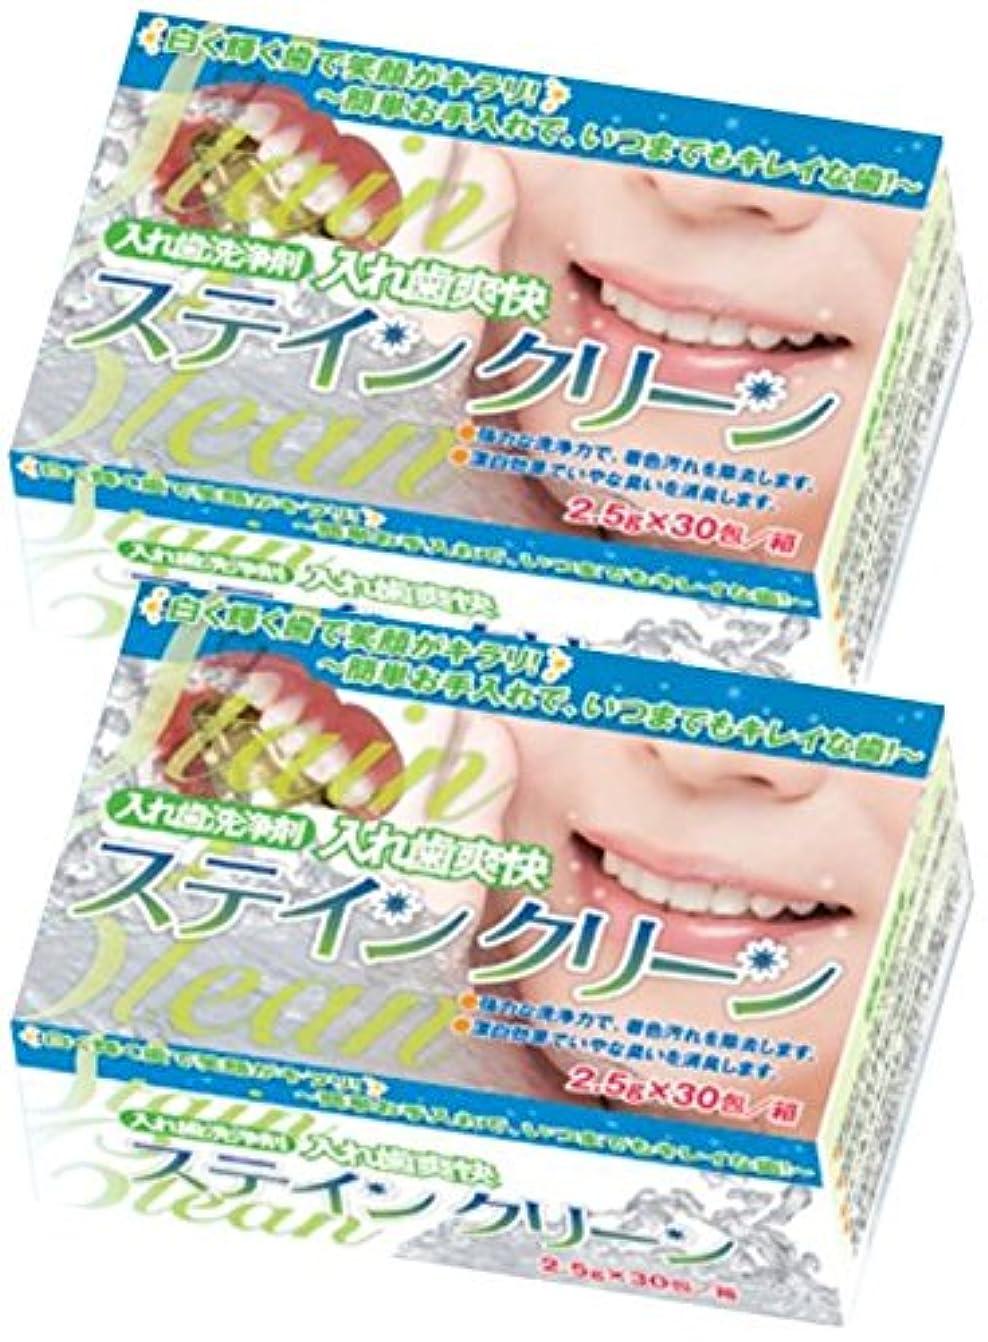 忌まわしい汚物バスト入れ歯爽快 ステインクリーン 1箱(2.5g × 30包入り) 歯科医院専売品 (2箱)